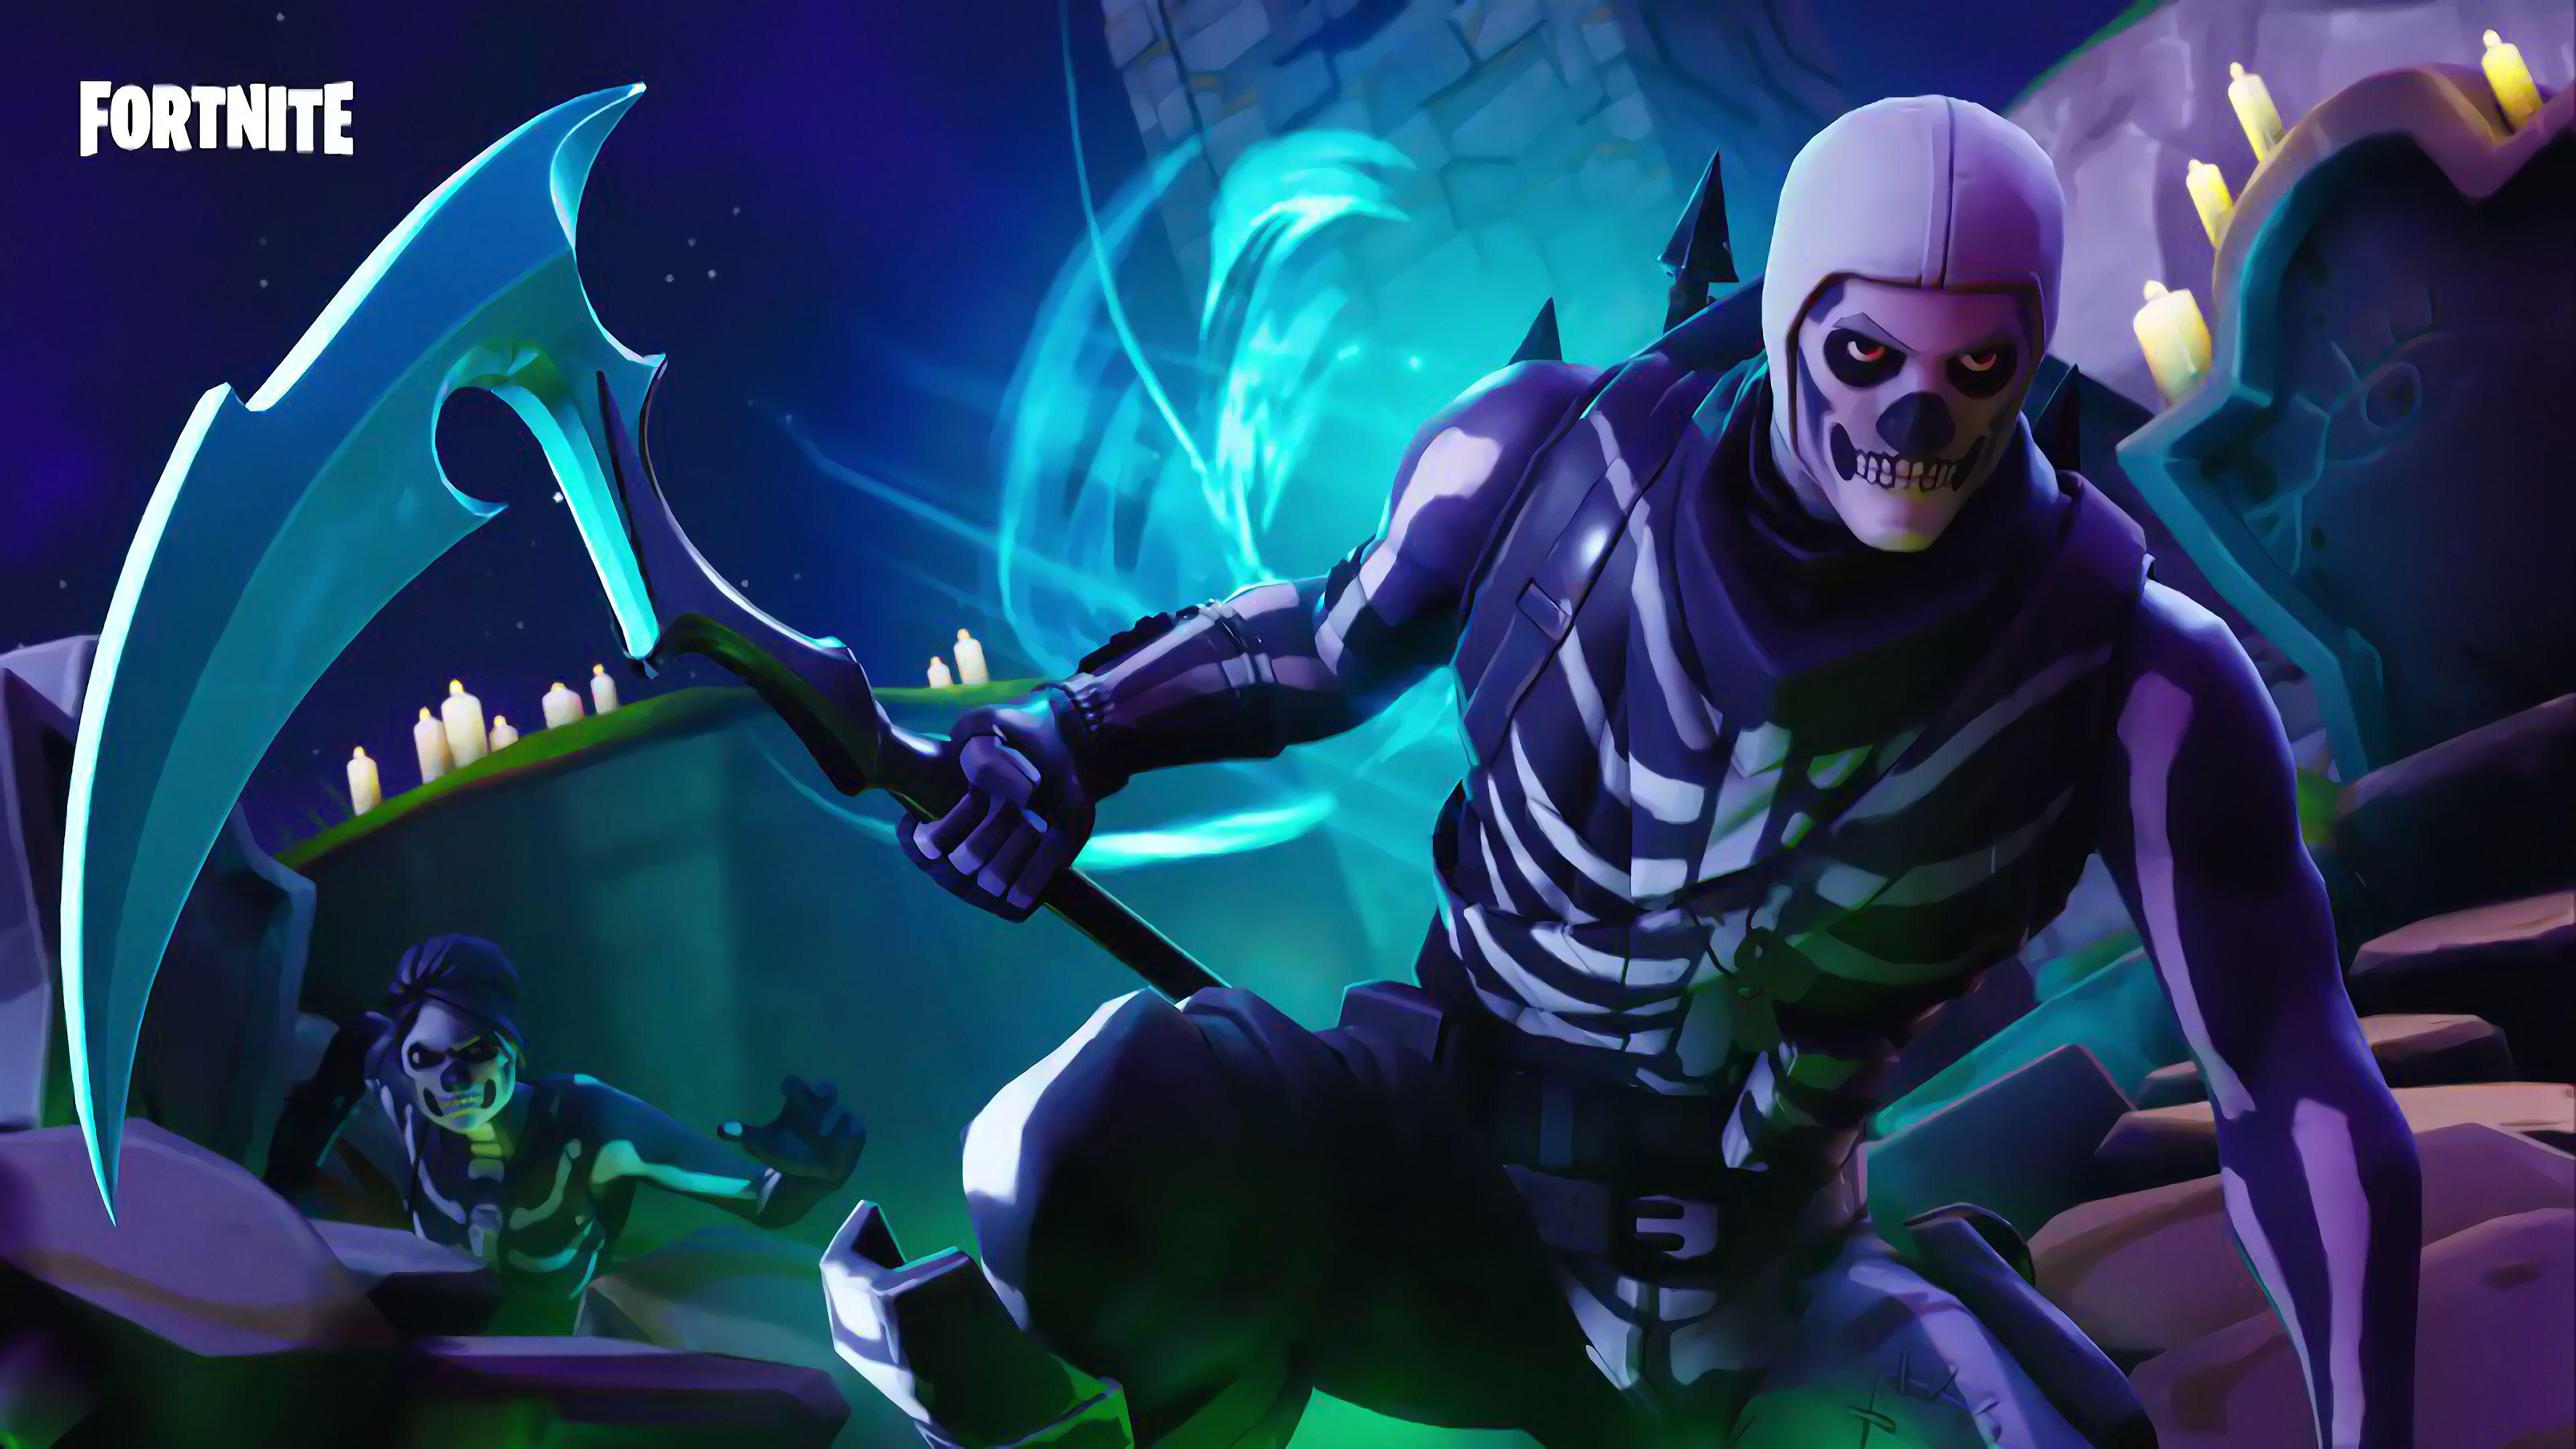 Skull Trooper and Skull Ranger Fortnite Battle Royale 4K 25281 3840x2160